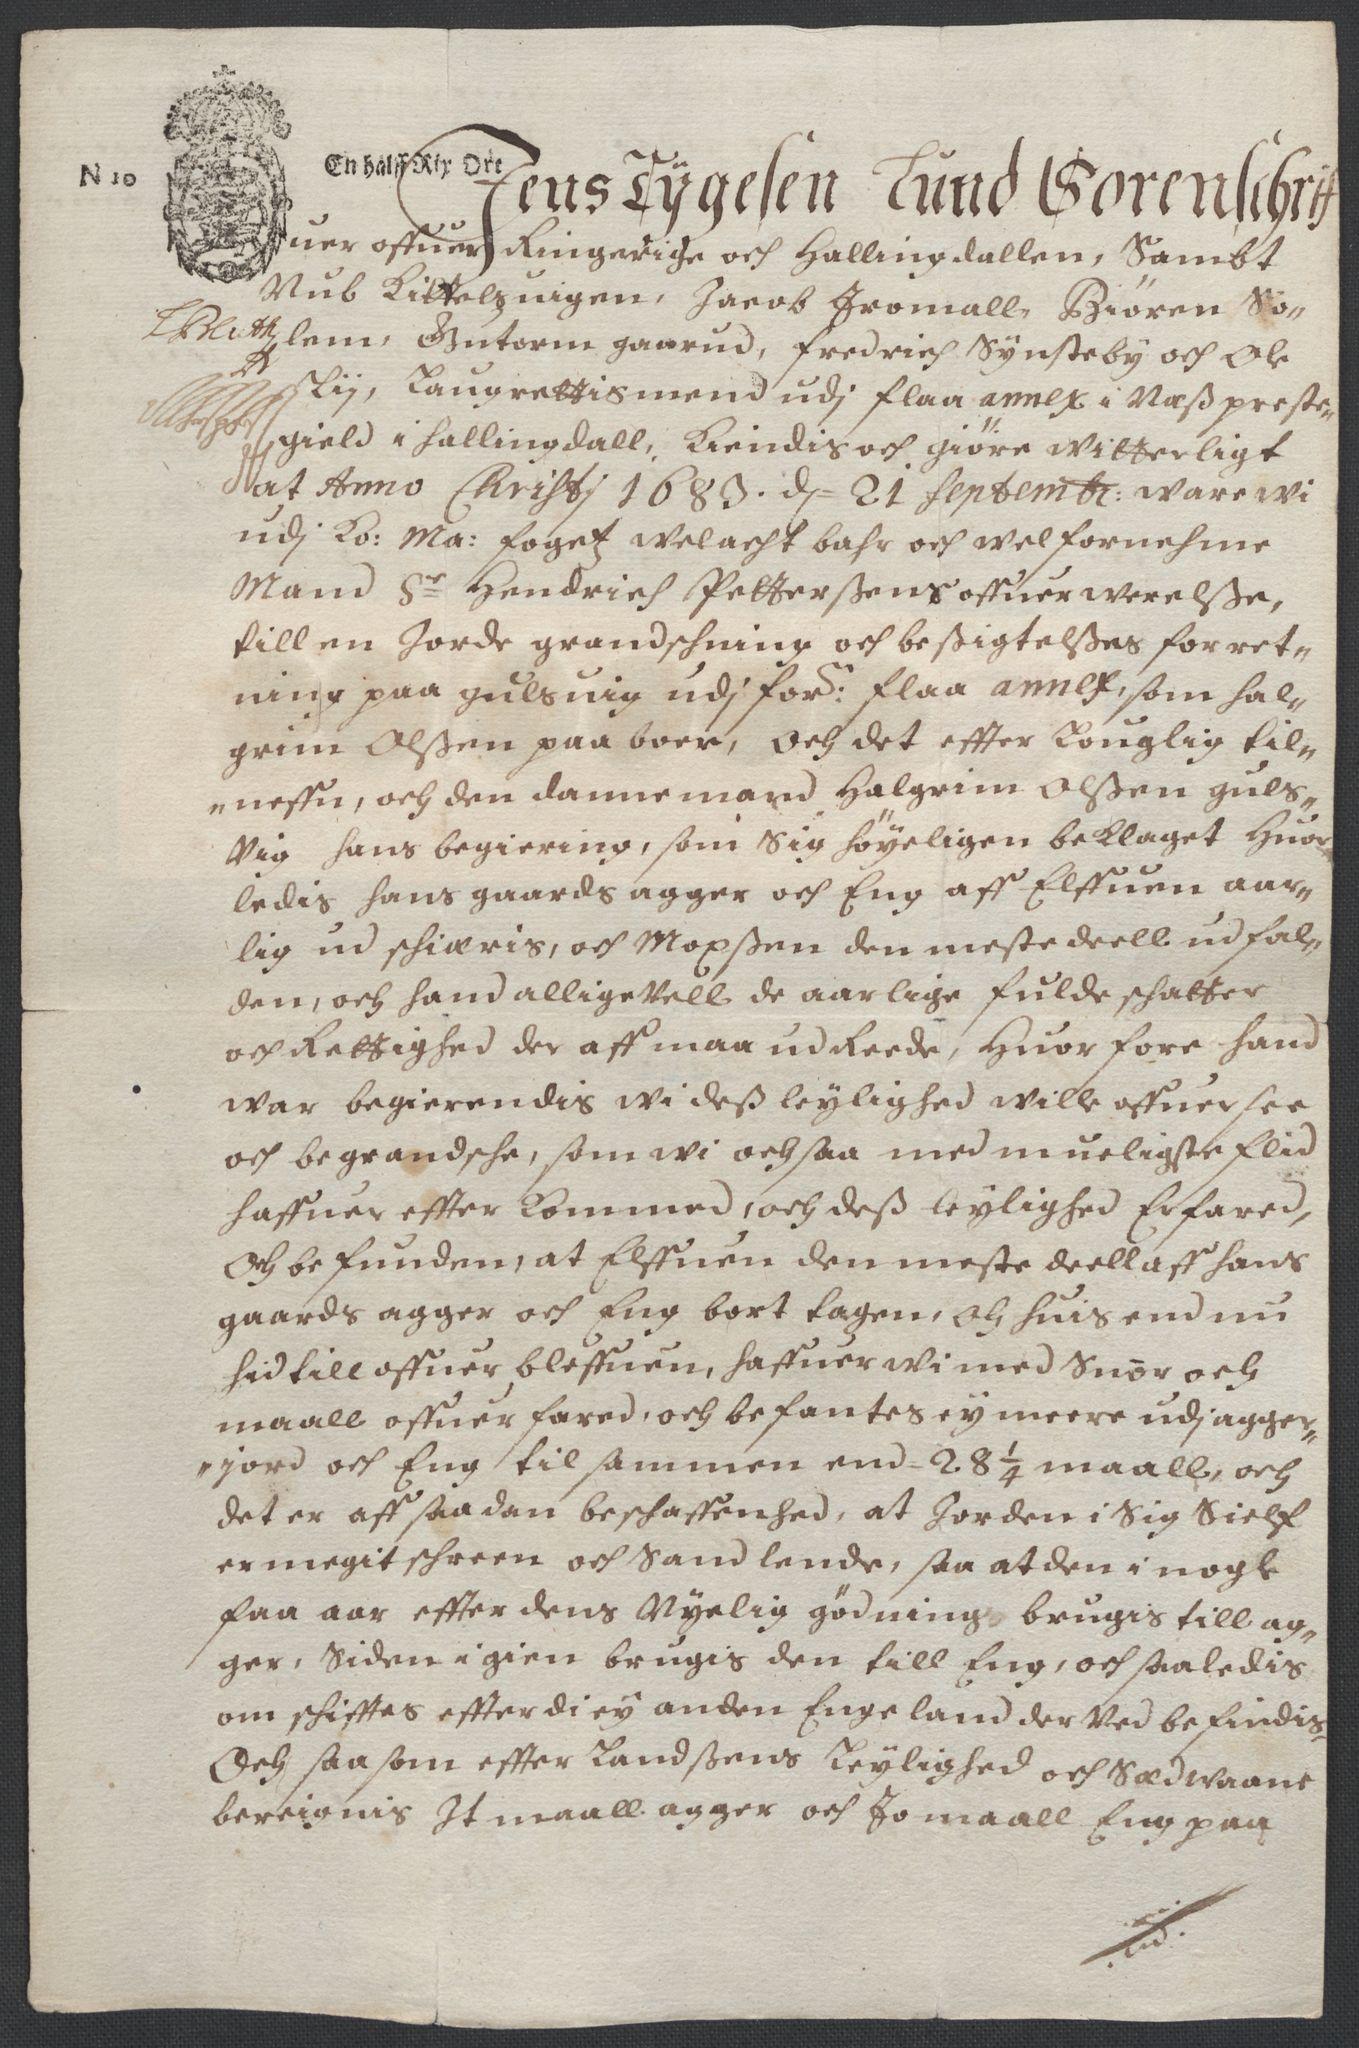 RA, Rentekammeret inntil 1814, Reviderte regnskaper, Fogderegnskap, R21/L1446: Fogderegnskap Ringerike og Hallingdal, 1683-1686, s. 277